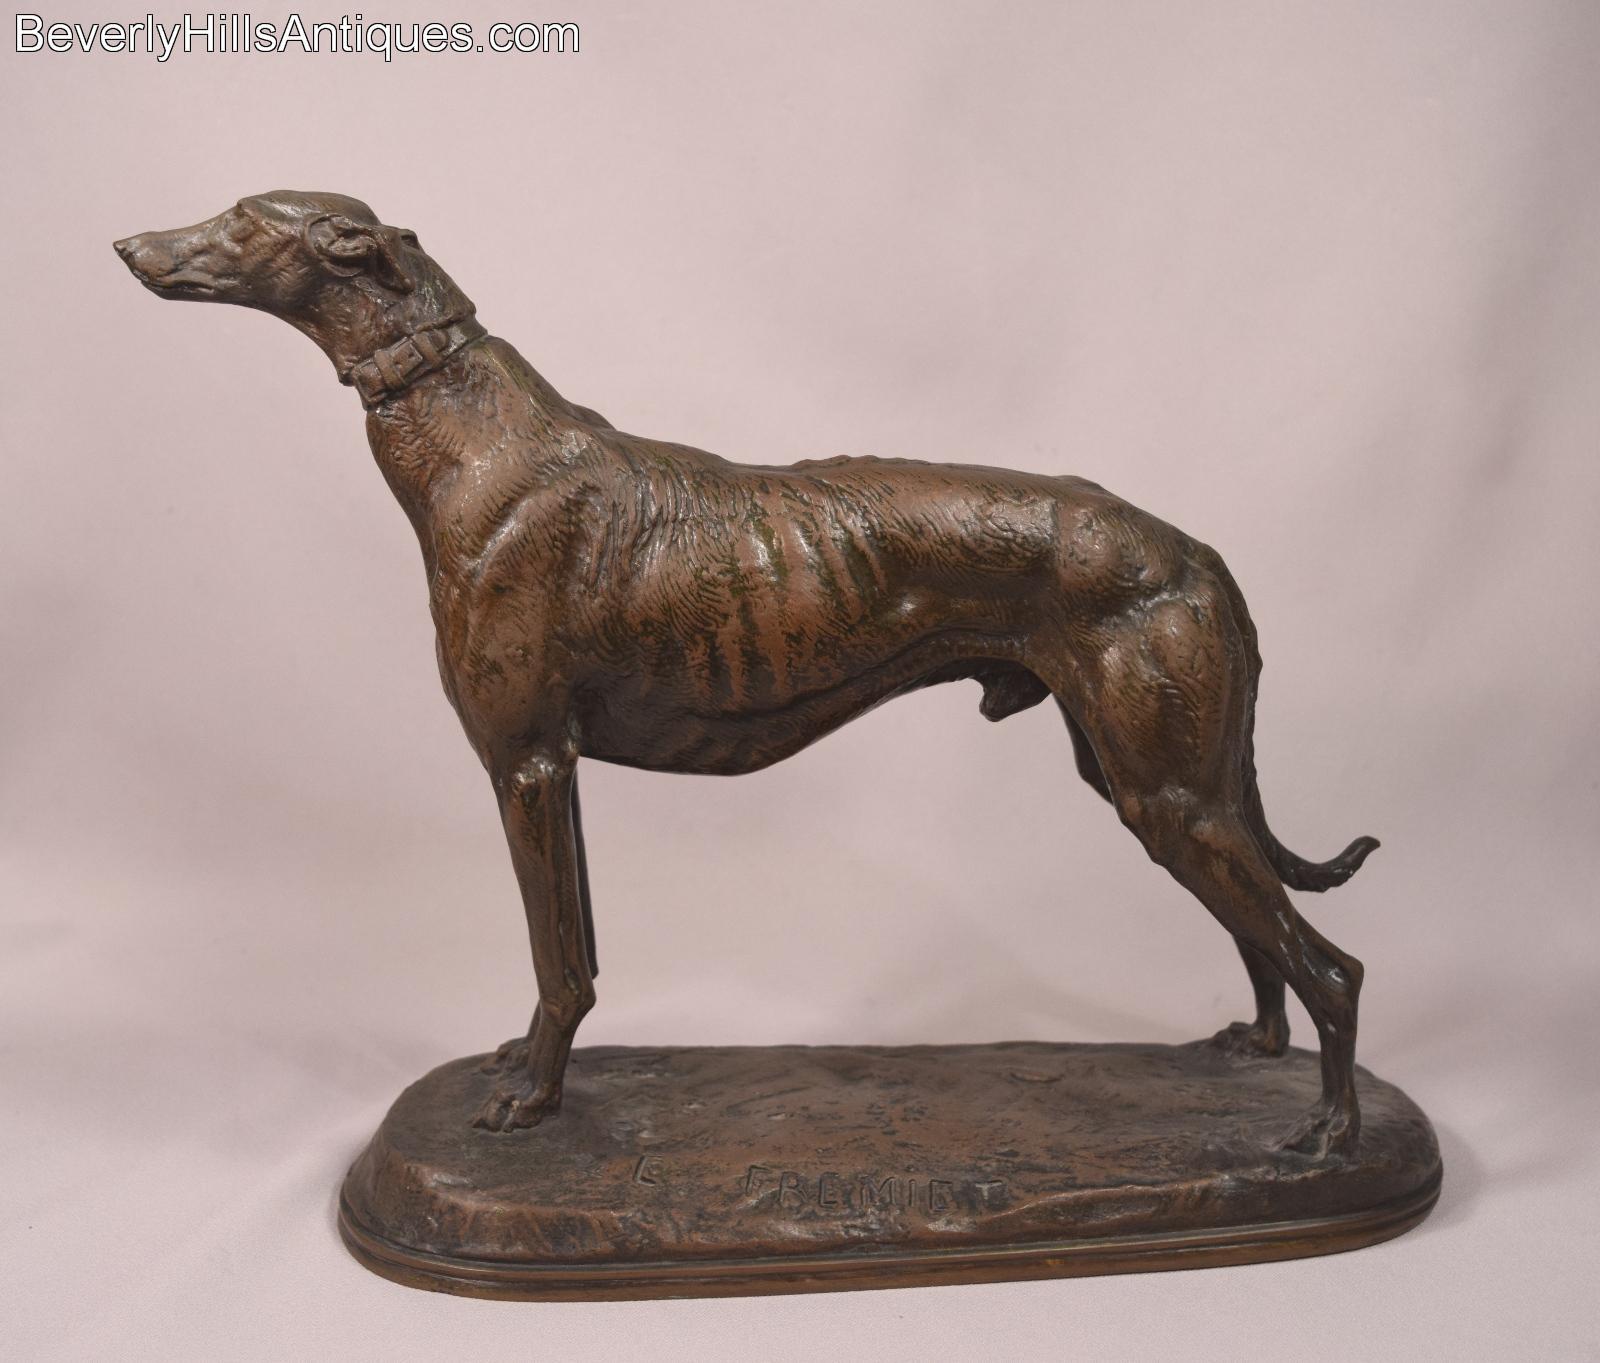 Bronzeskulptur Hund Windhund Bronze Skulptur Figur Greyhound Whippet Dog